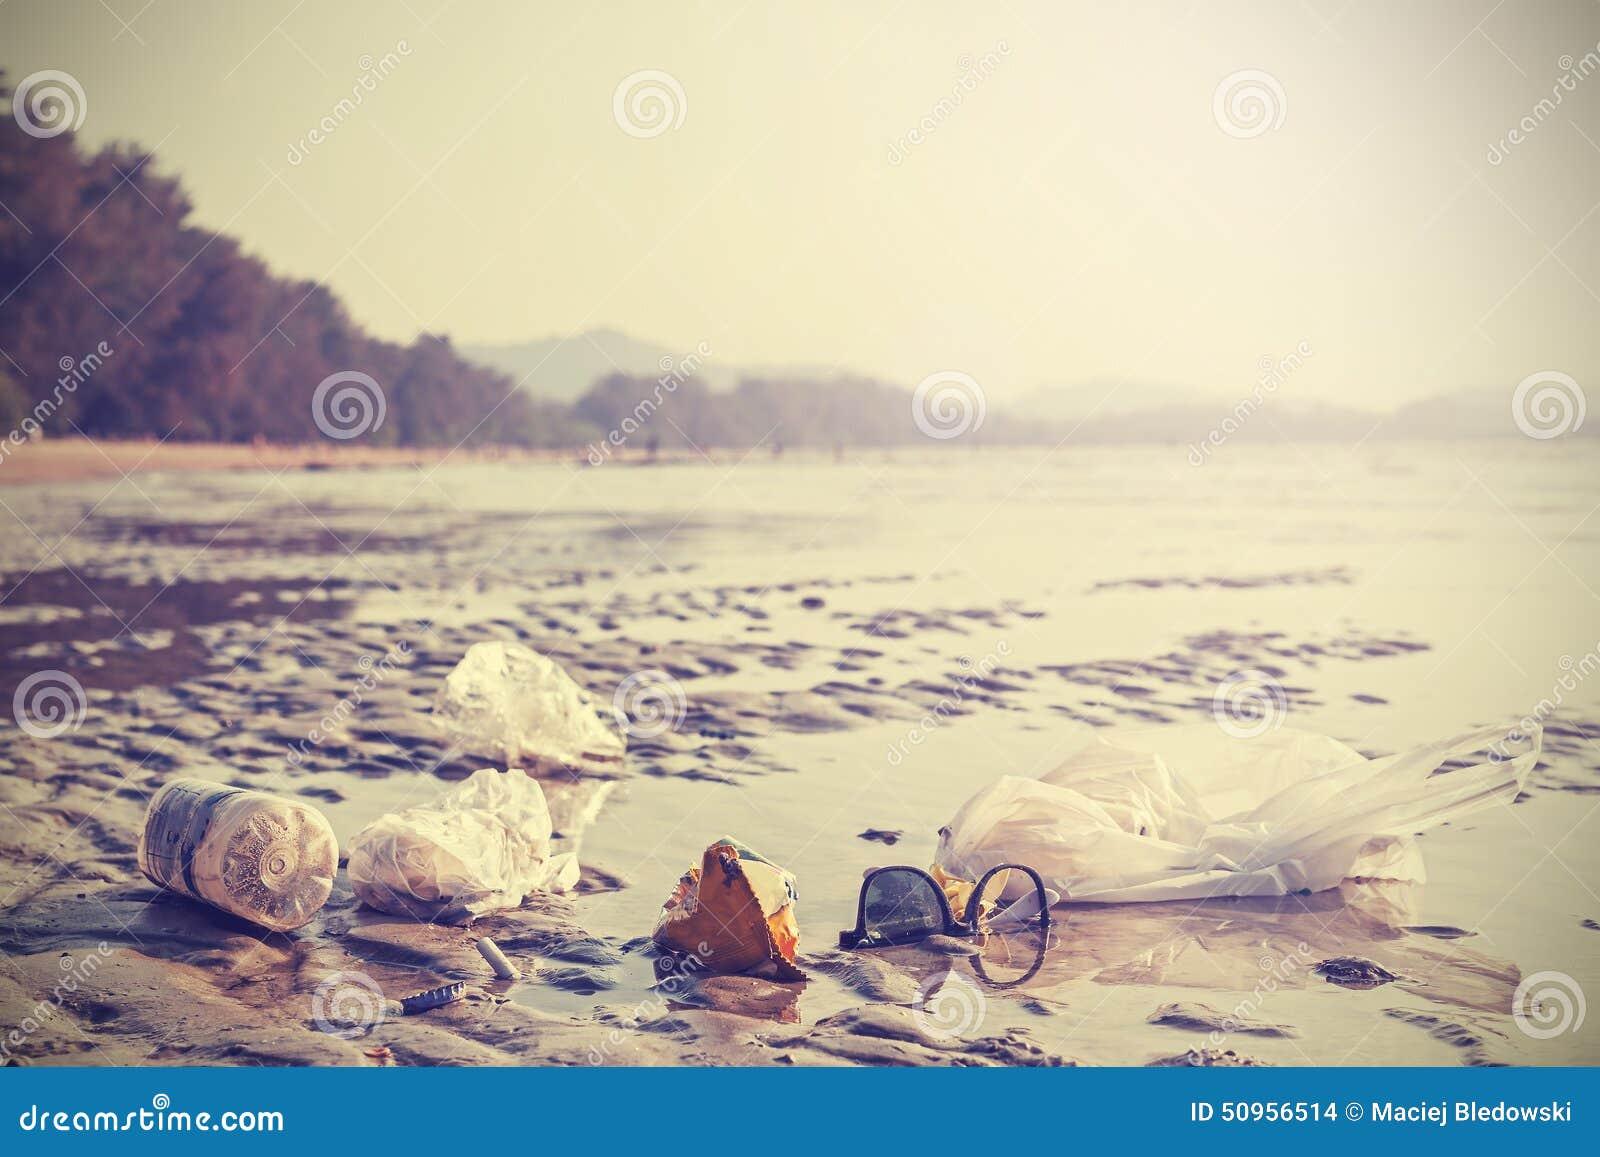 Retro- stilisiertes Bild des Abfalls auf einem Strand